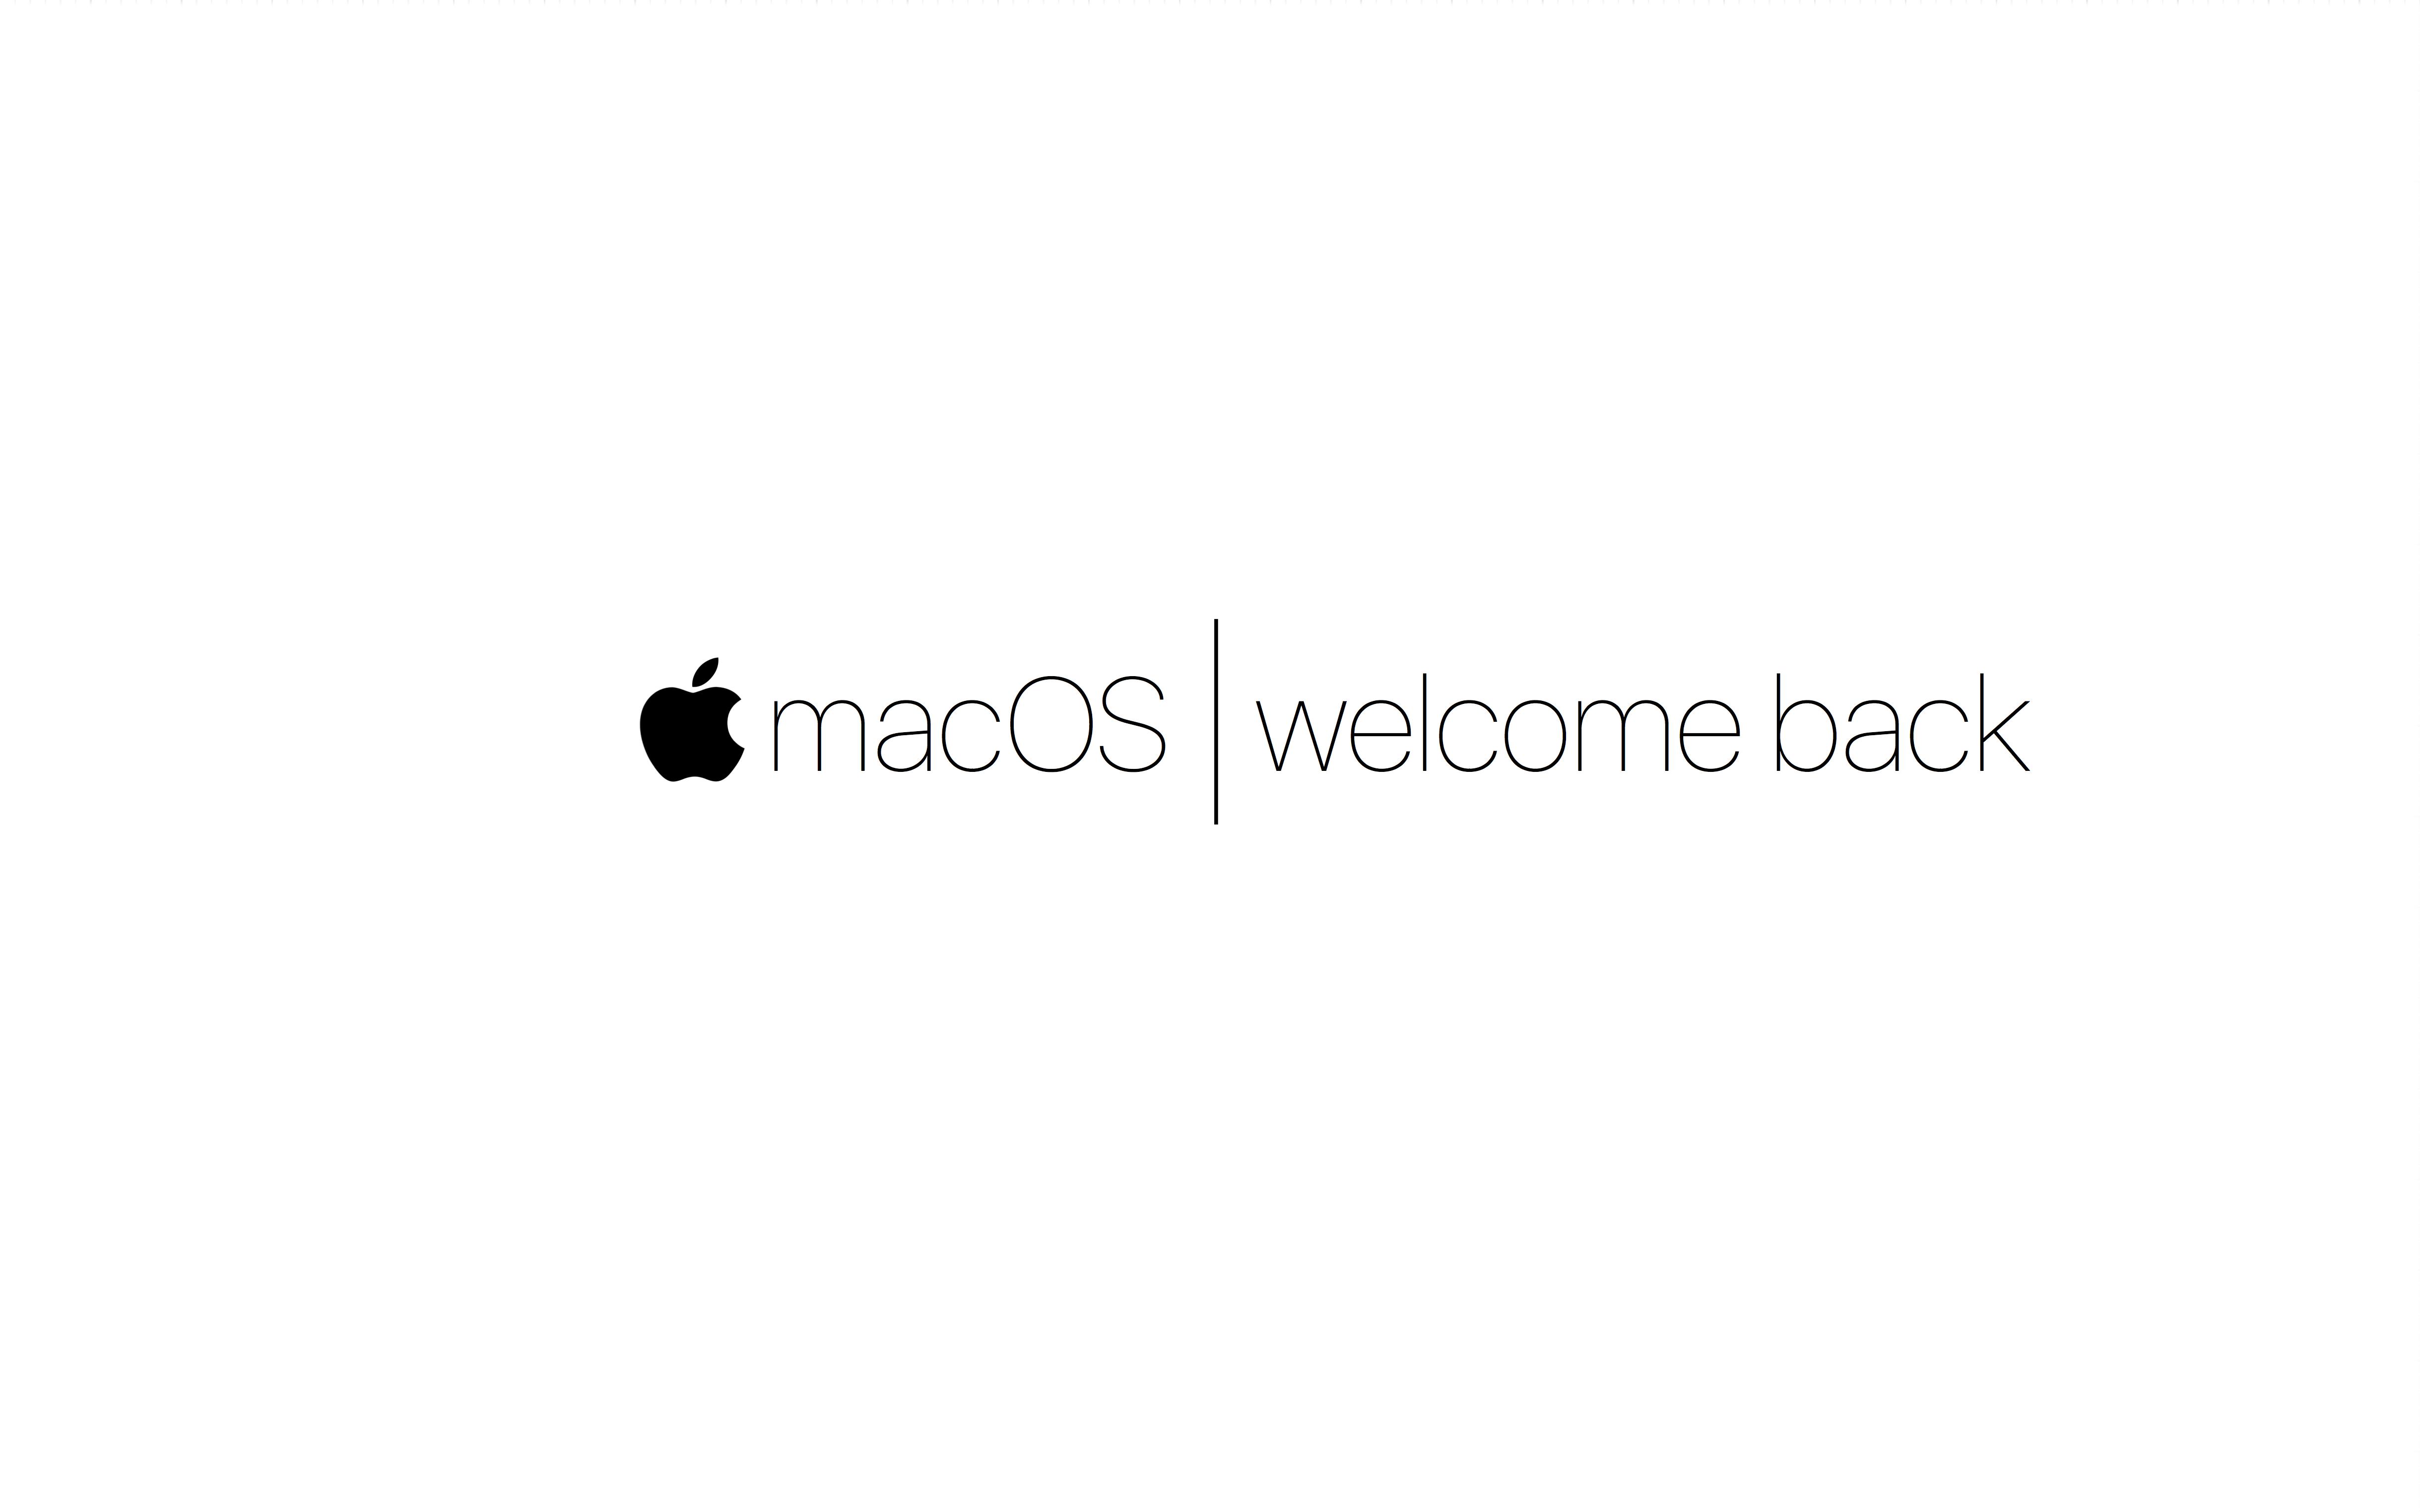 macOS | Welcome back - w.jpg